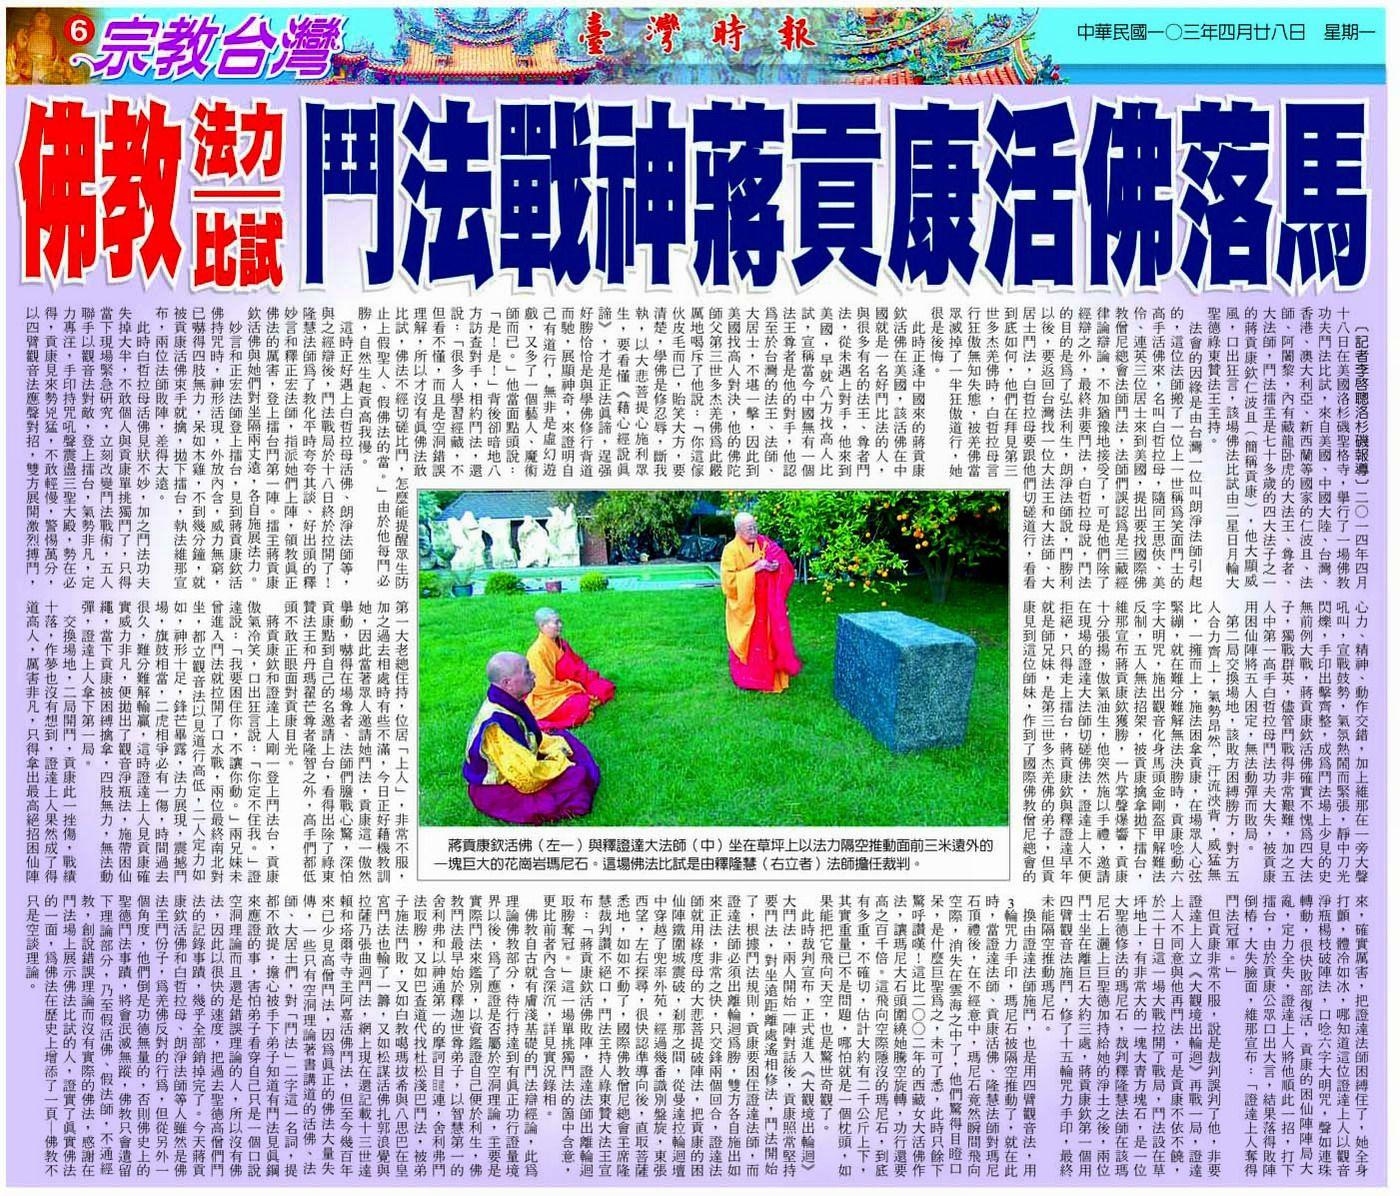 佛教法力比試 復原佛教鬥法 真實佛法在人間(台灣時報+亞洲新聞週刊)